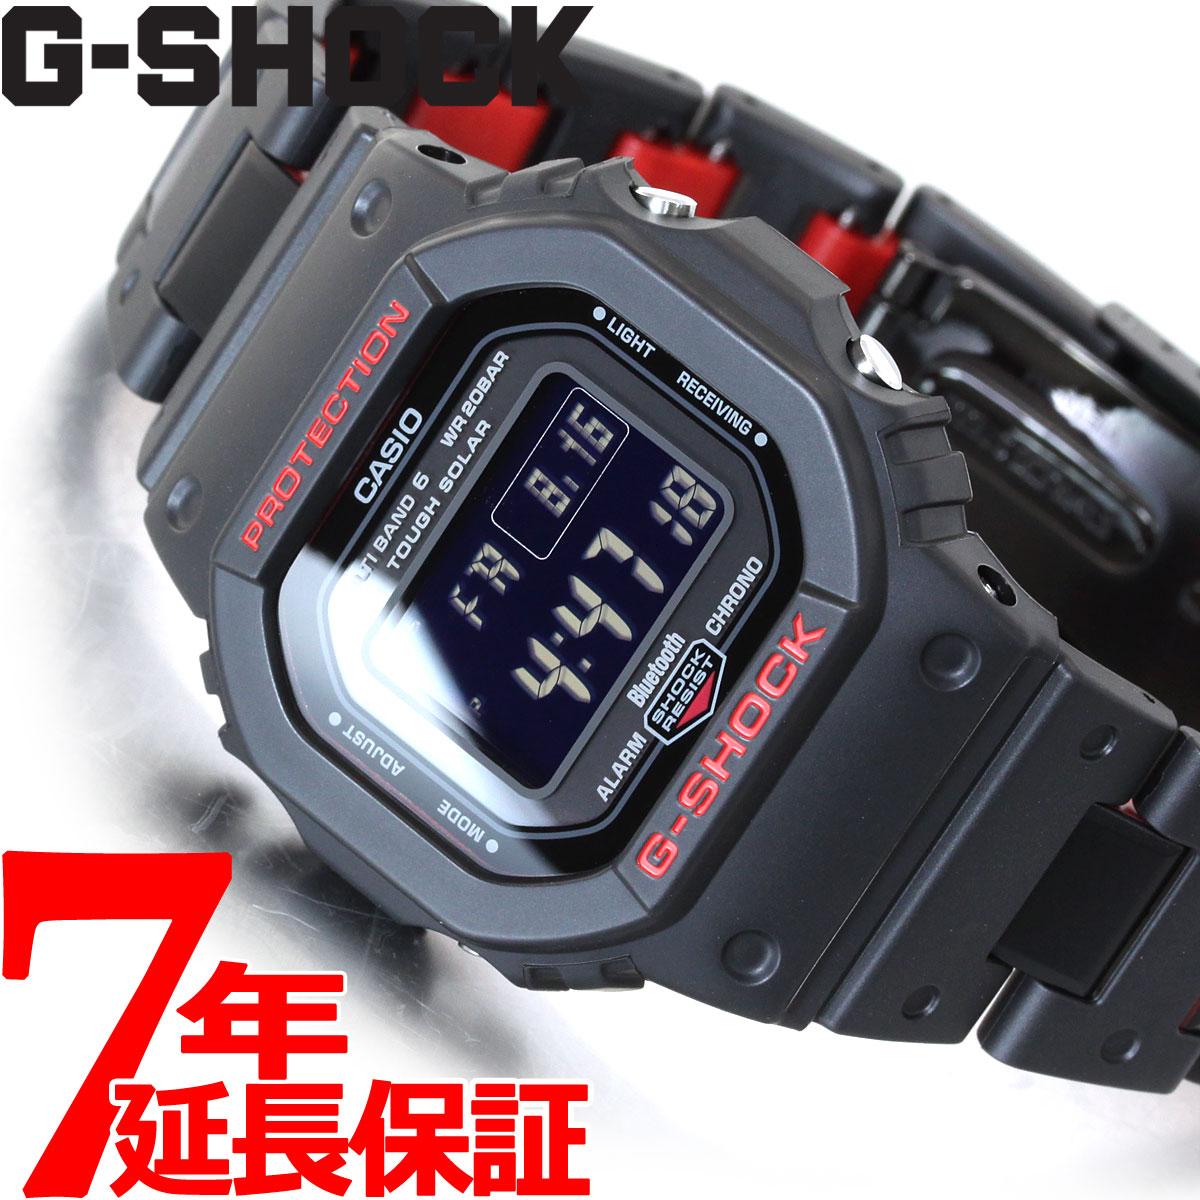 腕時計, メンズ腕時計 55G-SHOCK 5600 G CASIO GW-B5600HR-1JF